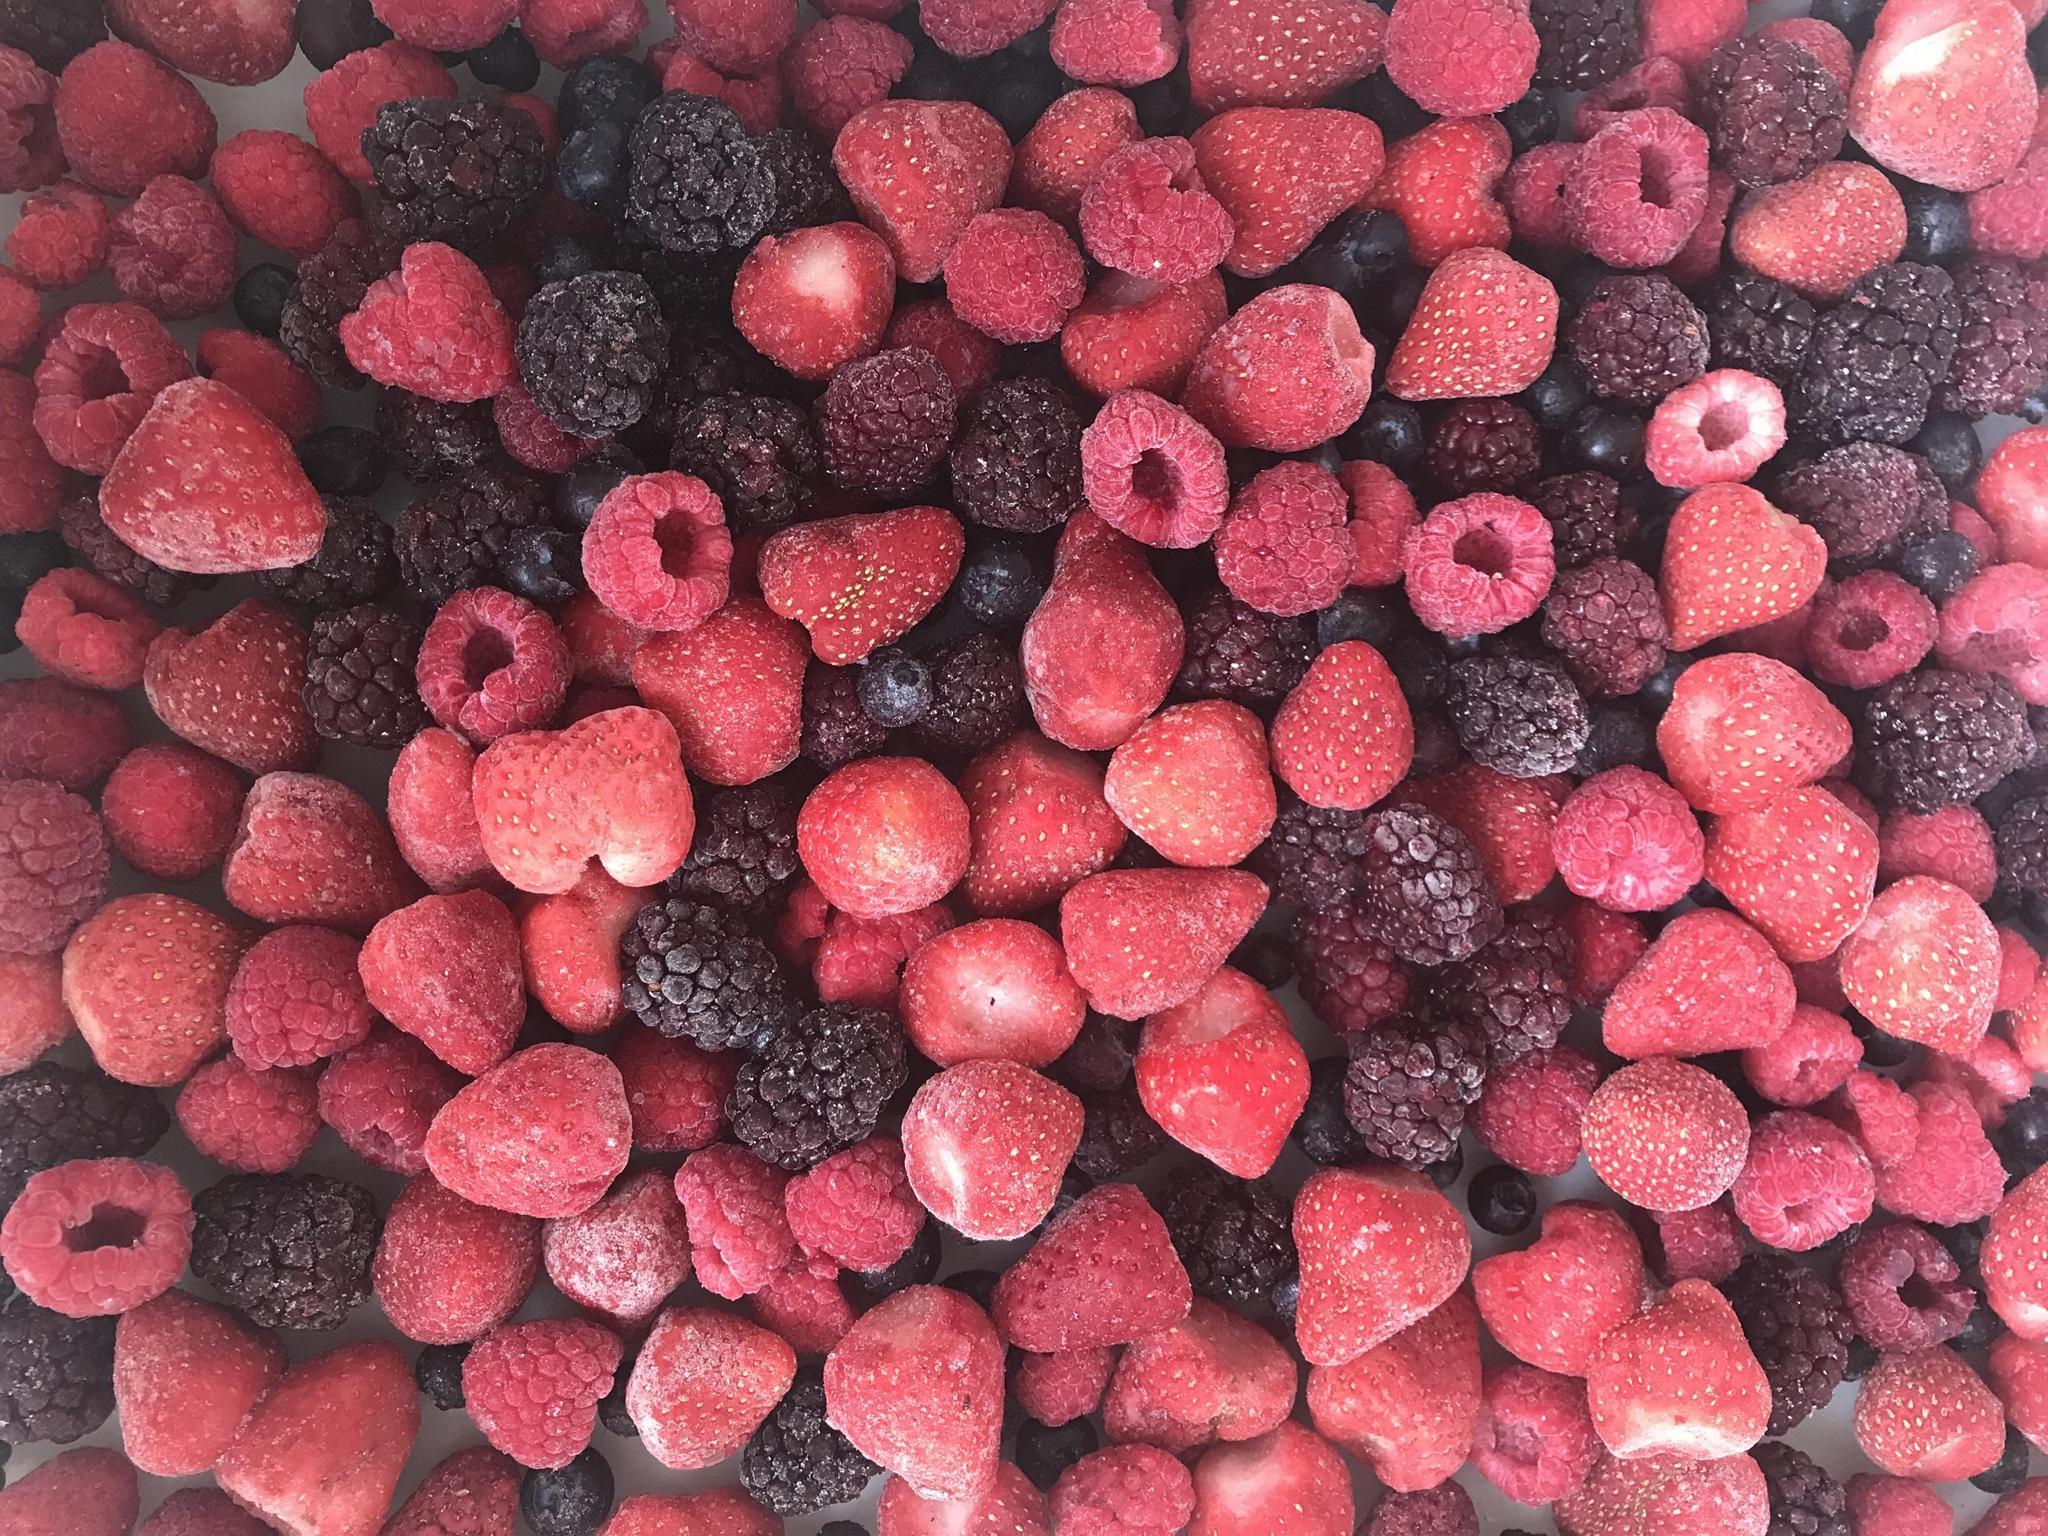 IQF mixed berries,Frozen mixed berries